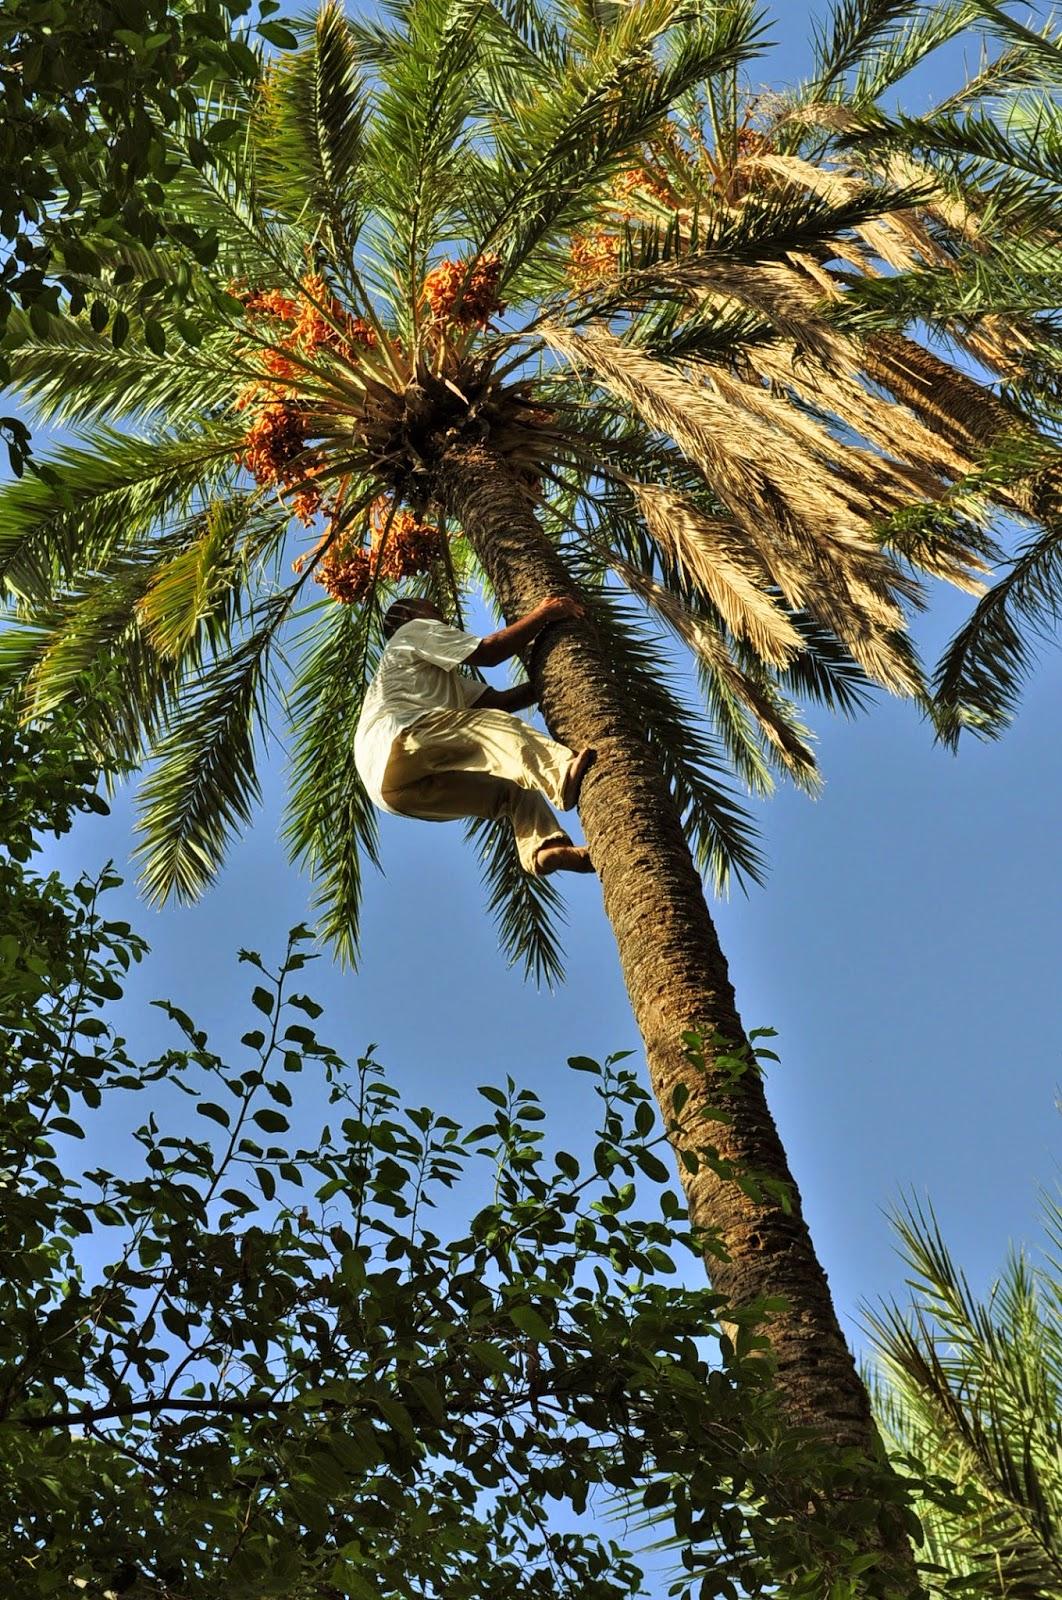 """Атракционният пакет включваше и демонстрация на катерене на палма и събиране на фурми. Слизането не е по ствола на дървото а по самите """"листа"""". За всяко нещо вадехме по един динар бакшиш"""